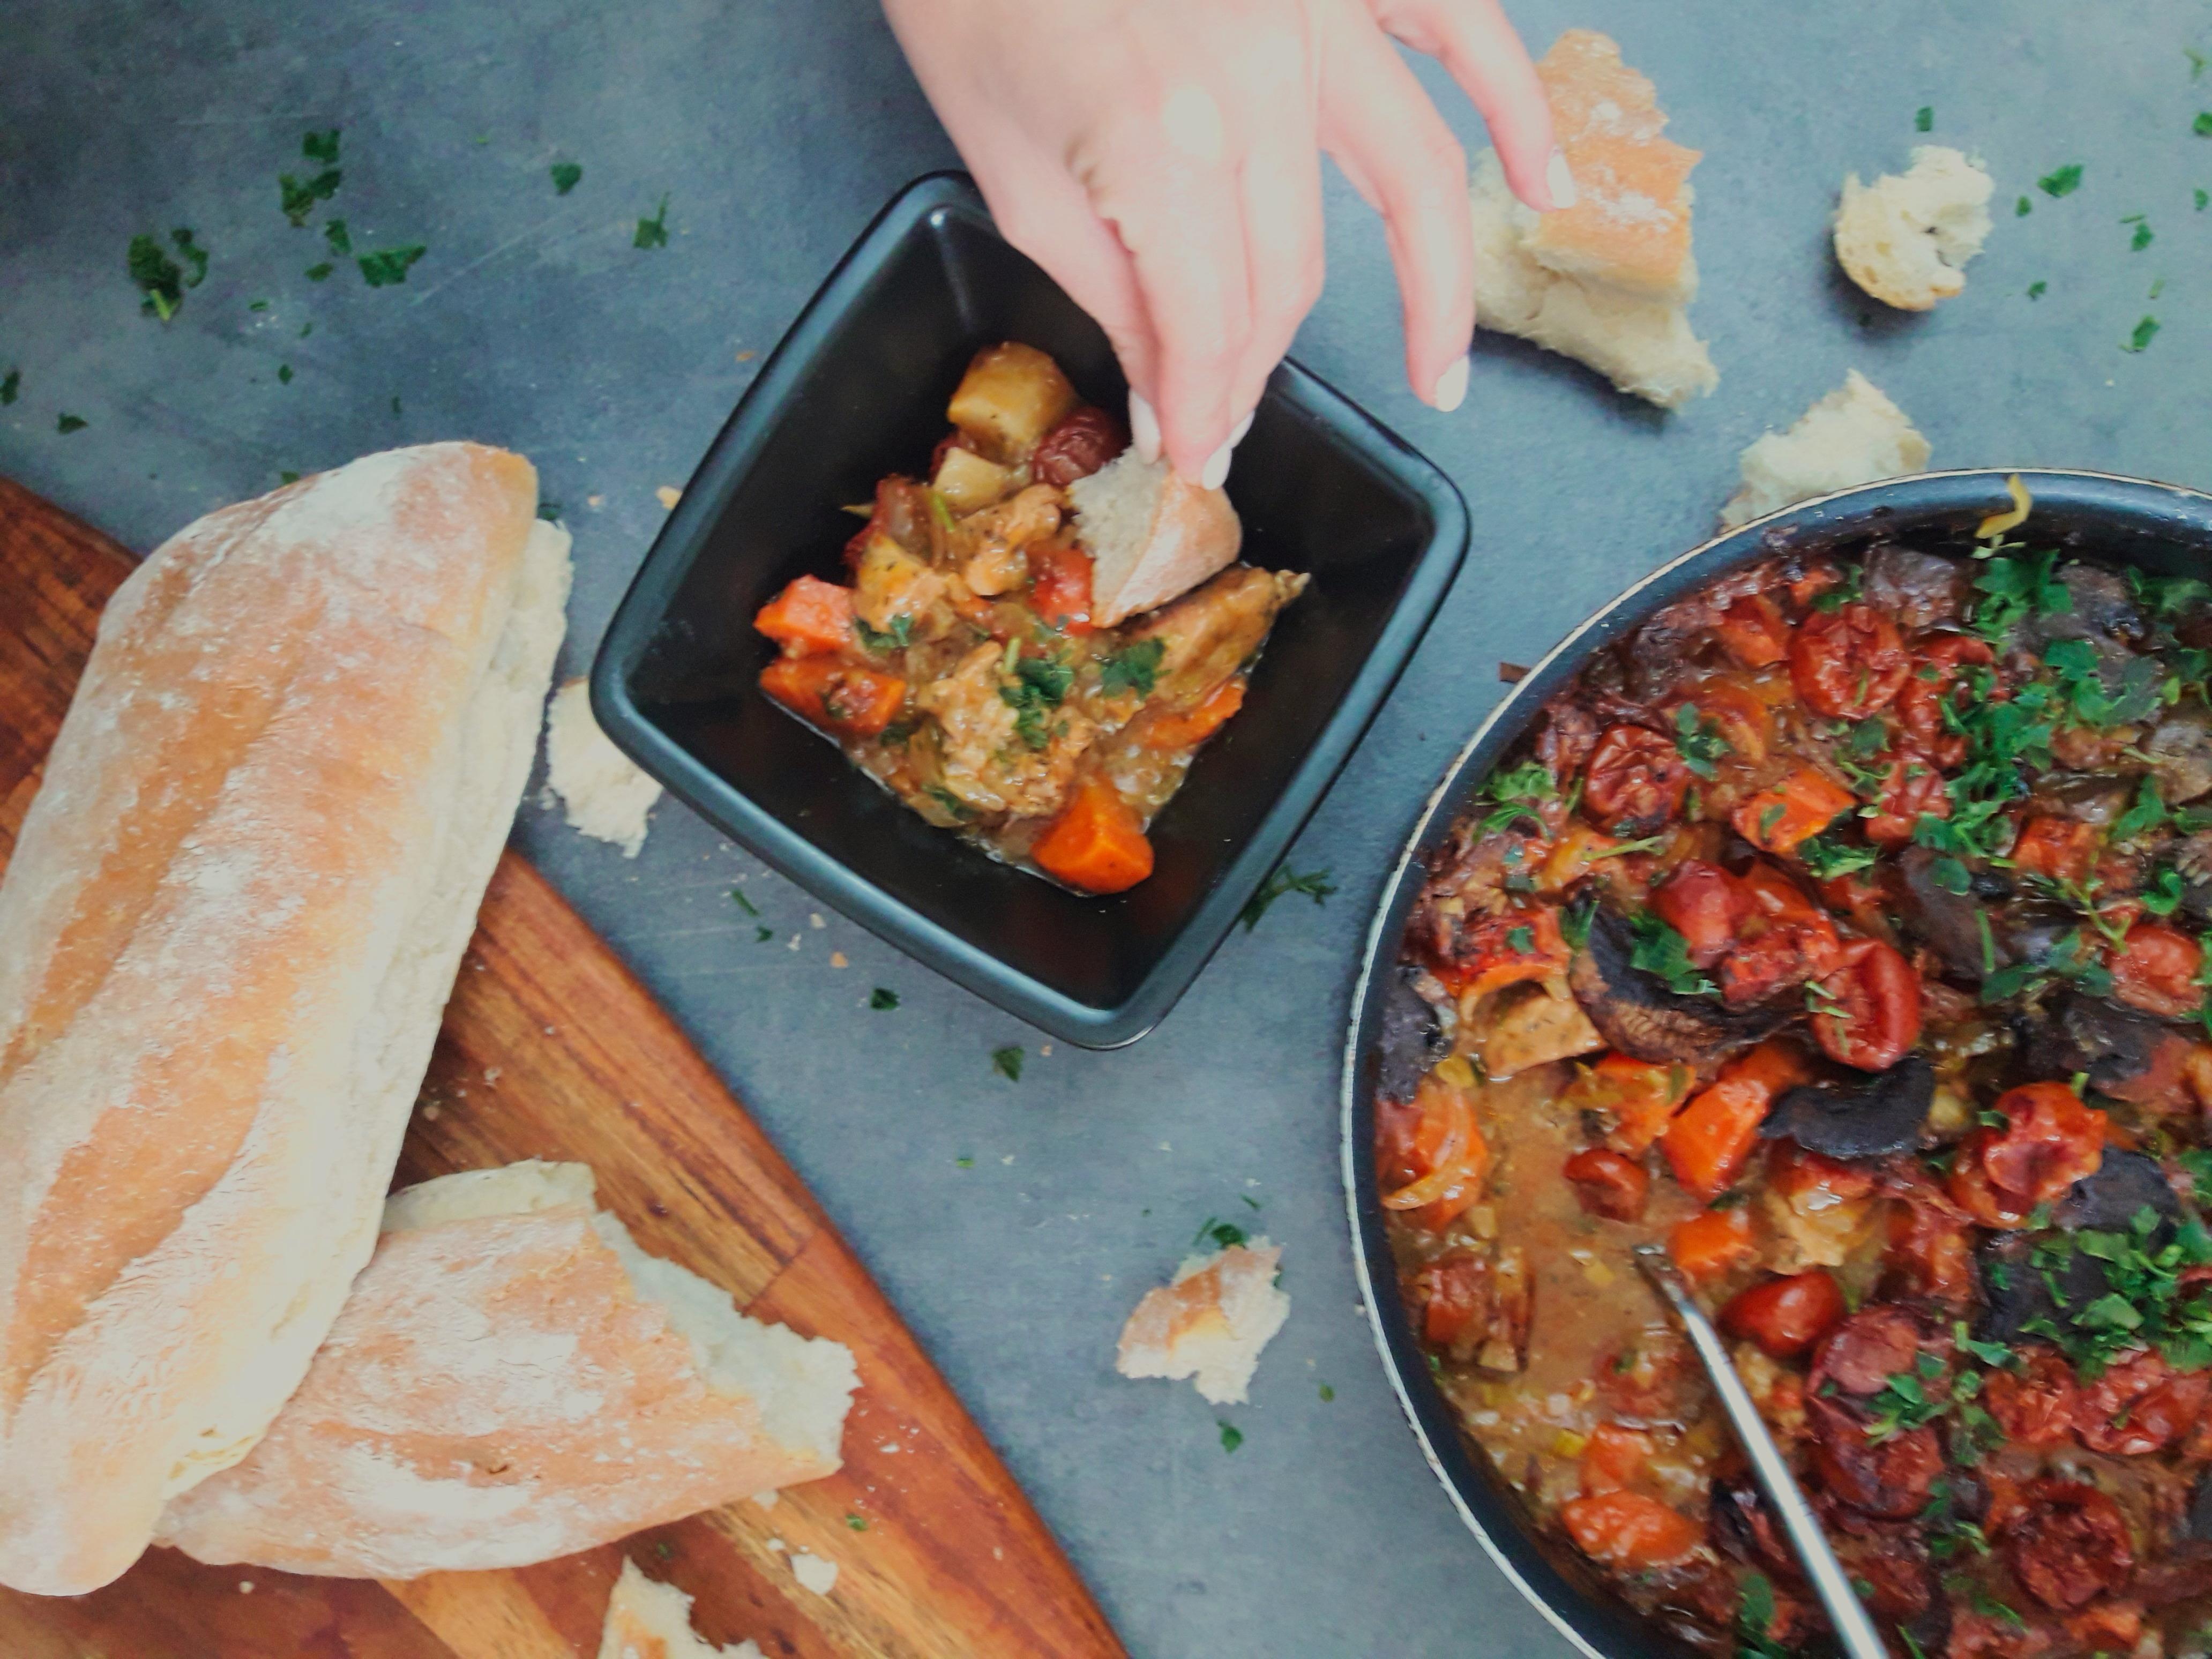 Porc Bourguingnon, czyli pieczony gulasz wieprzowy z pomidorami